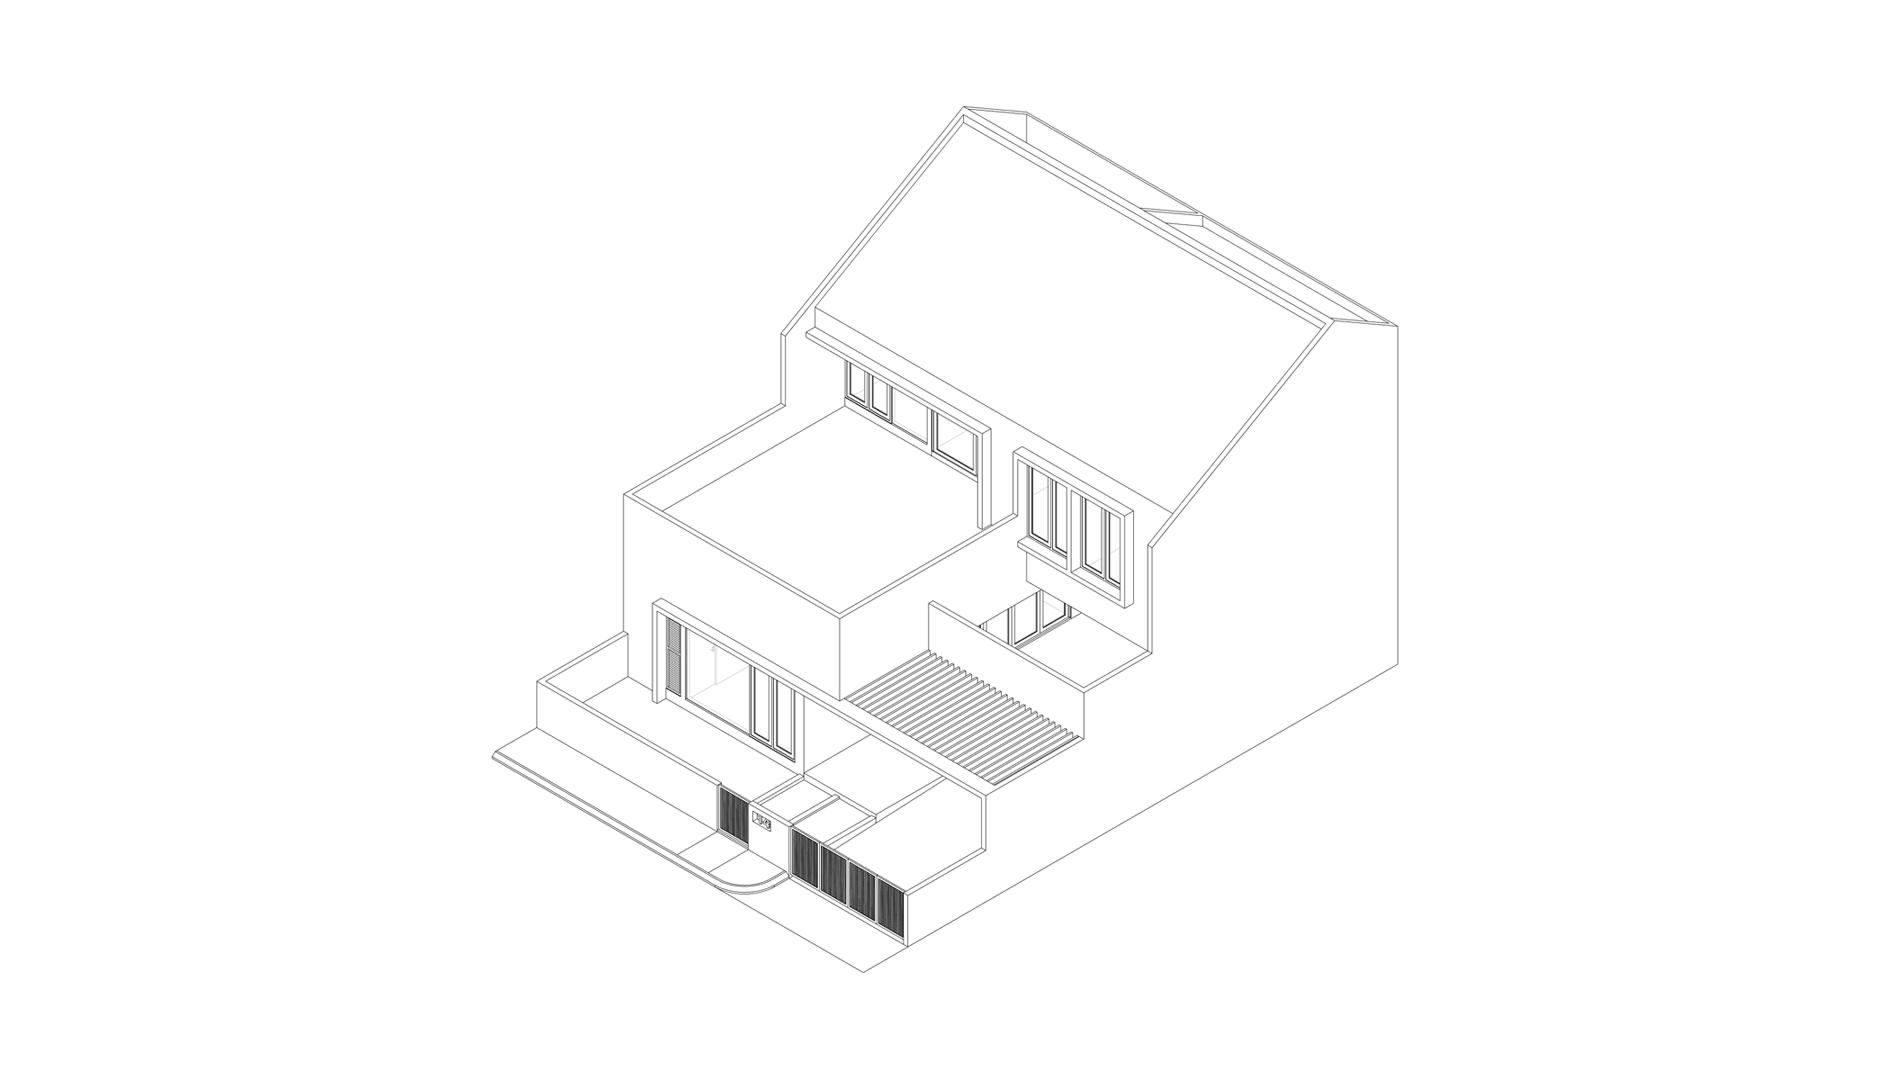 2015-A14-HOUSE-000